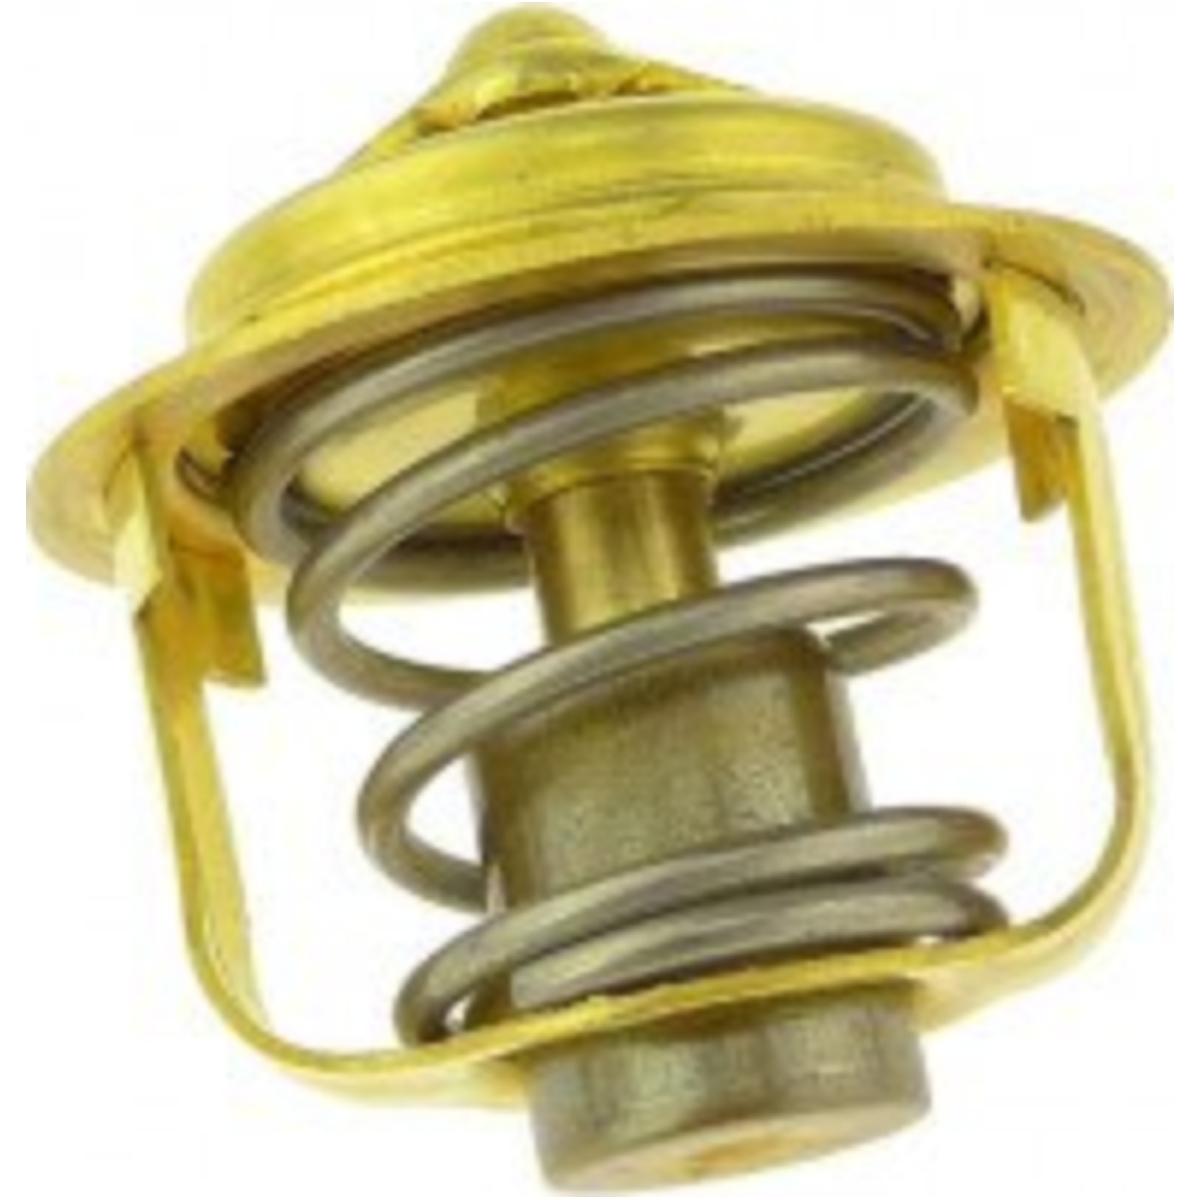 Thermostat  Orig Spare Part  19300ke8000